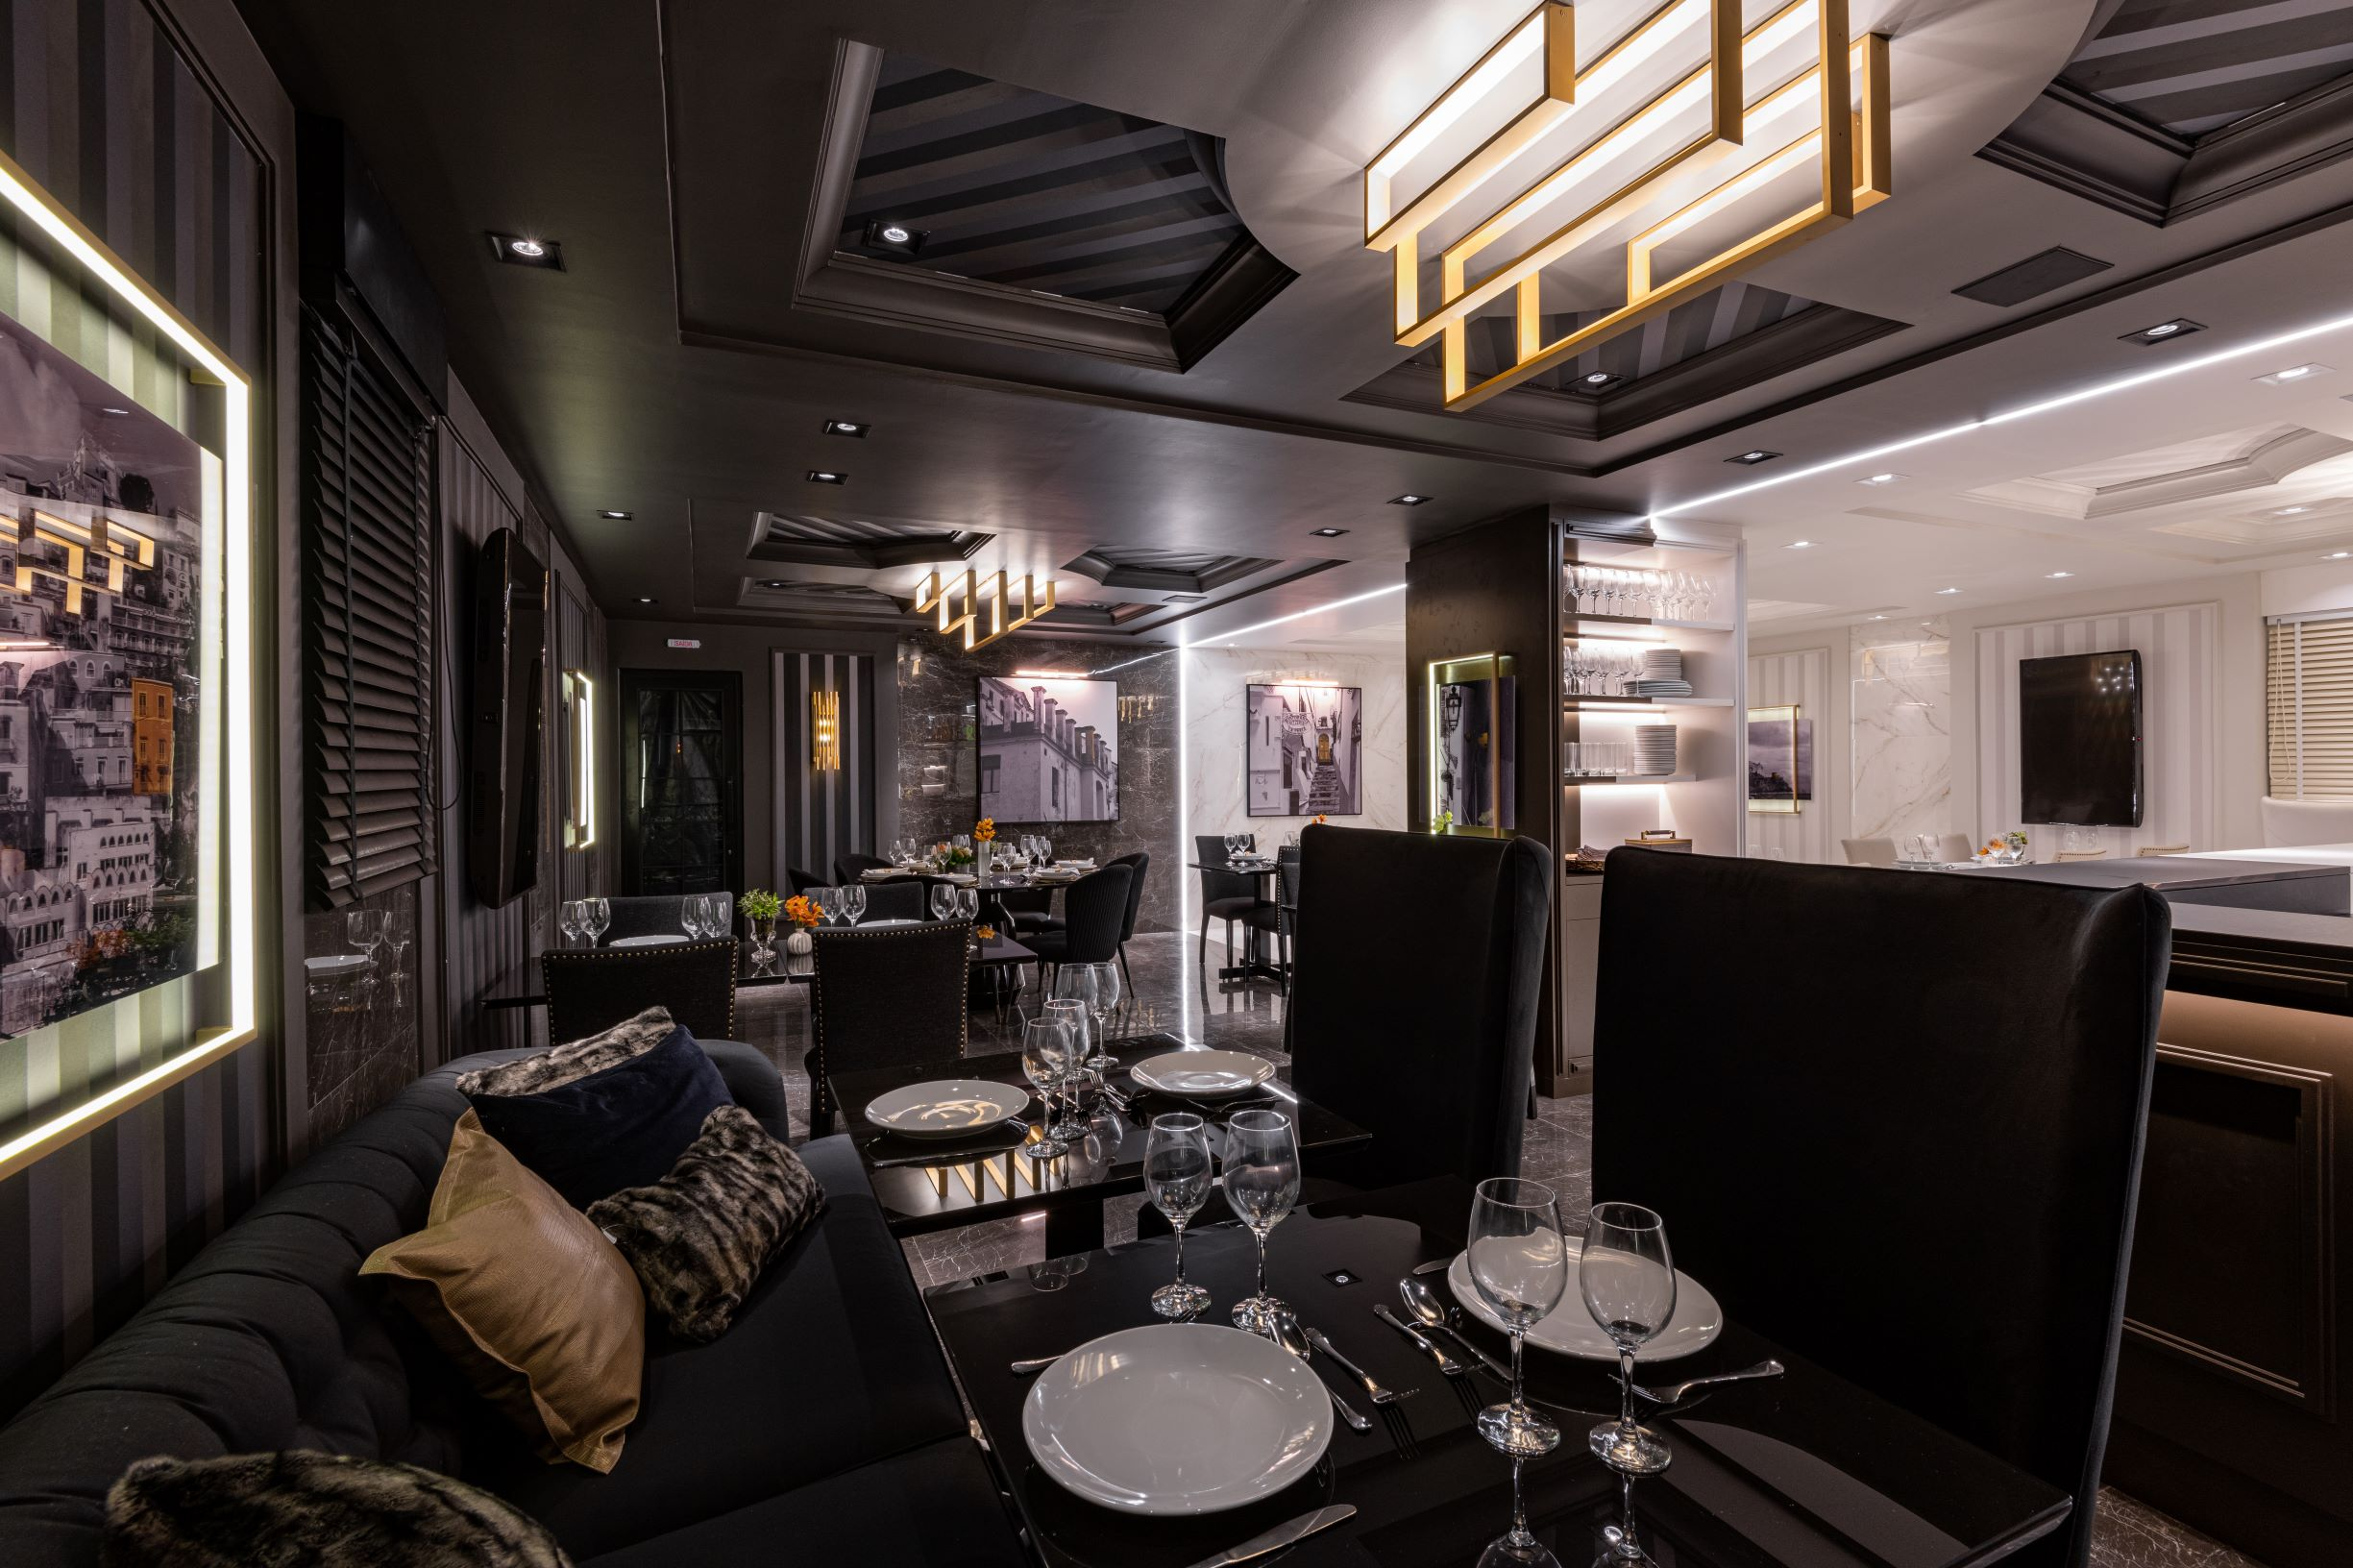 """Restaurante Limone, CASACOR São Paulo 2019, Habitat Projetos Inteligentes. restaurante com conceito de dualidade. """"lado noite"""", teto de gesso com relevo, cadeiras clássicas pretas, sofá preto clássico, mesa de mármore preto e utensílios."""